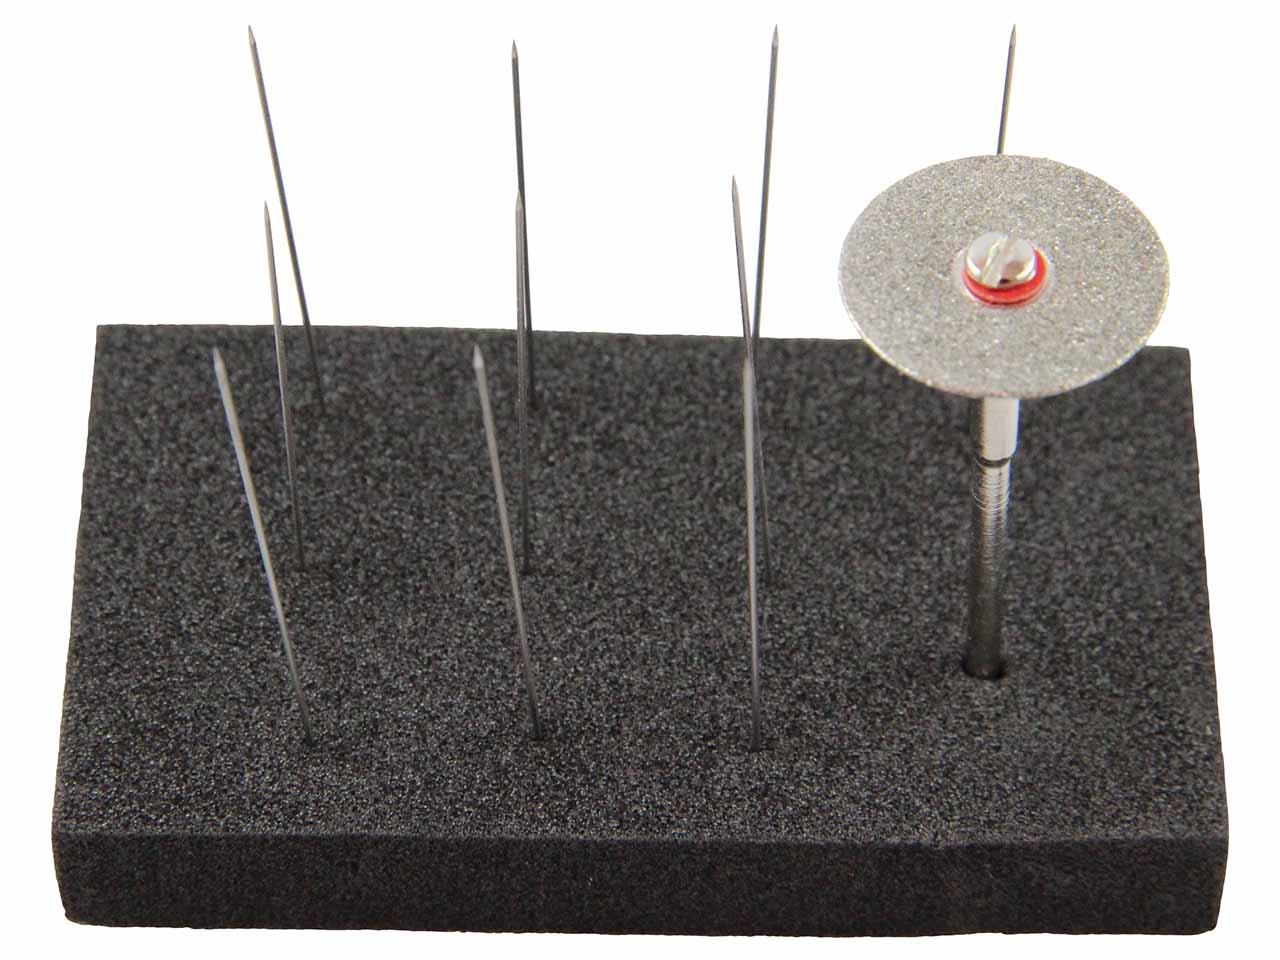 plus tard comment trouver prix bas Jeu de 10 électrodes diamètre 0,50 mm et disque diamant d'affutage pour  PUK, Lampert